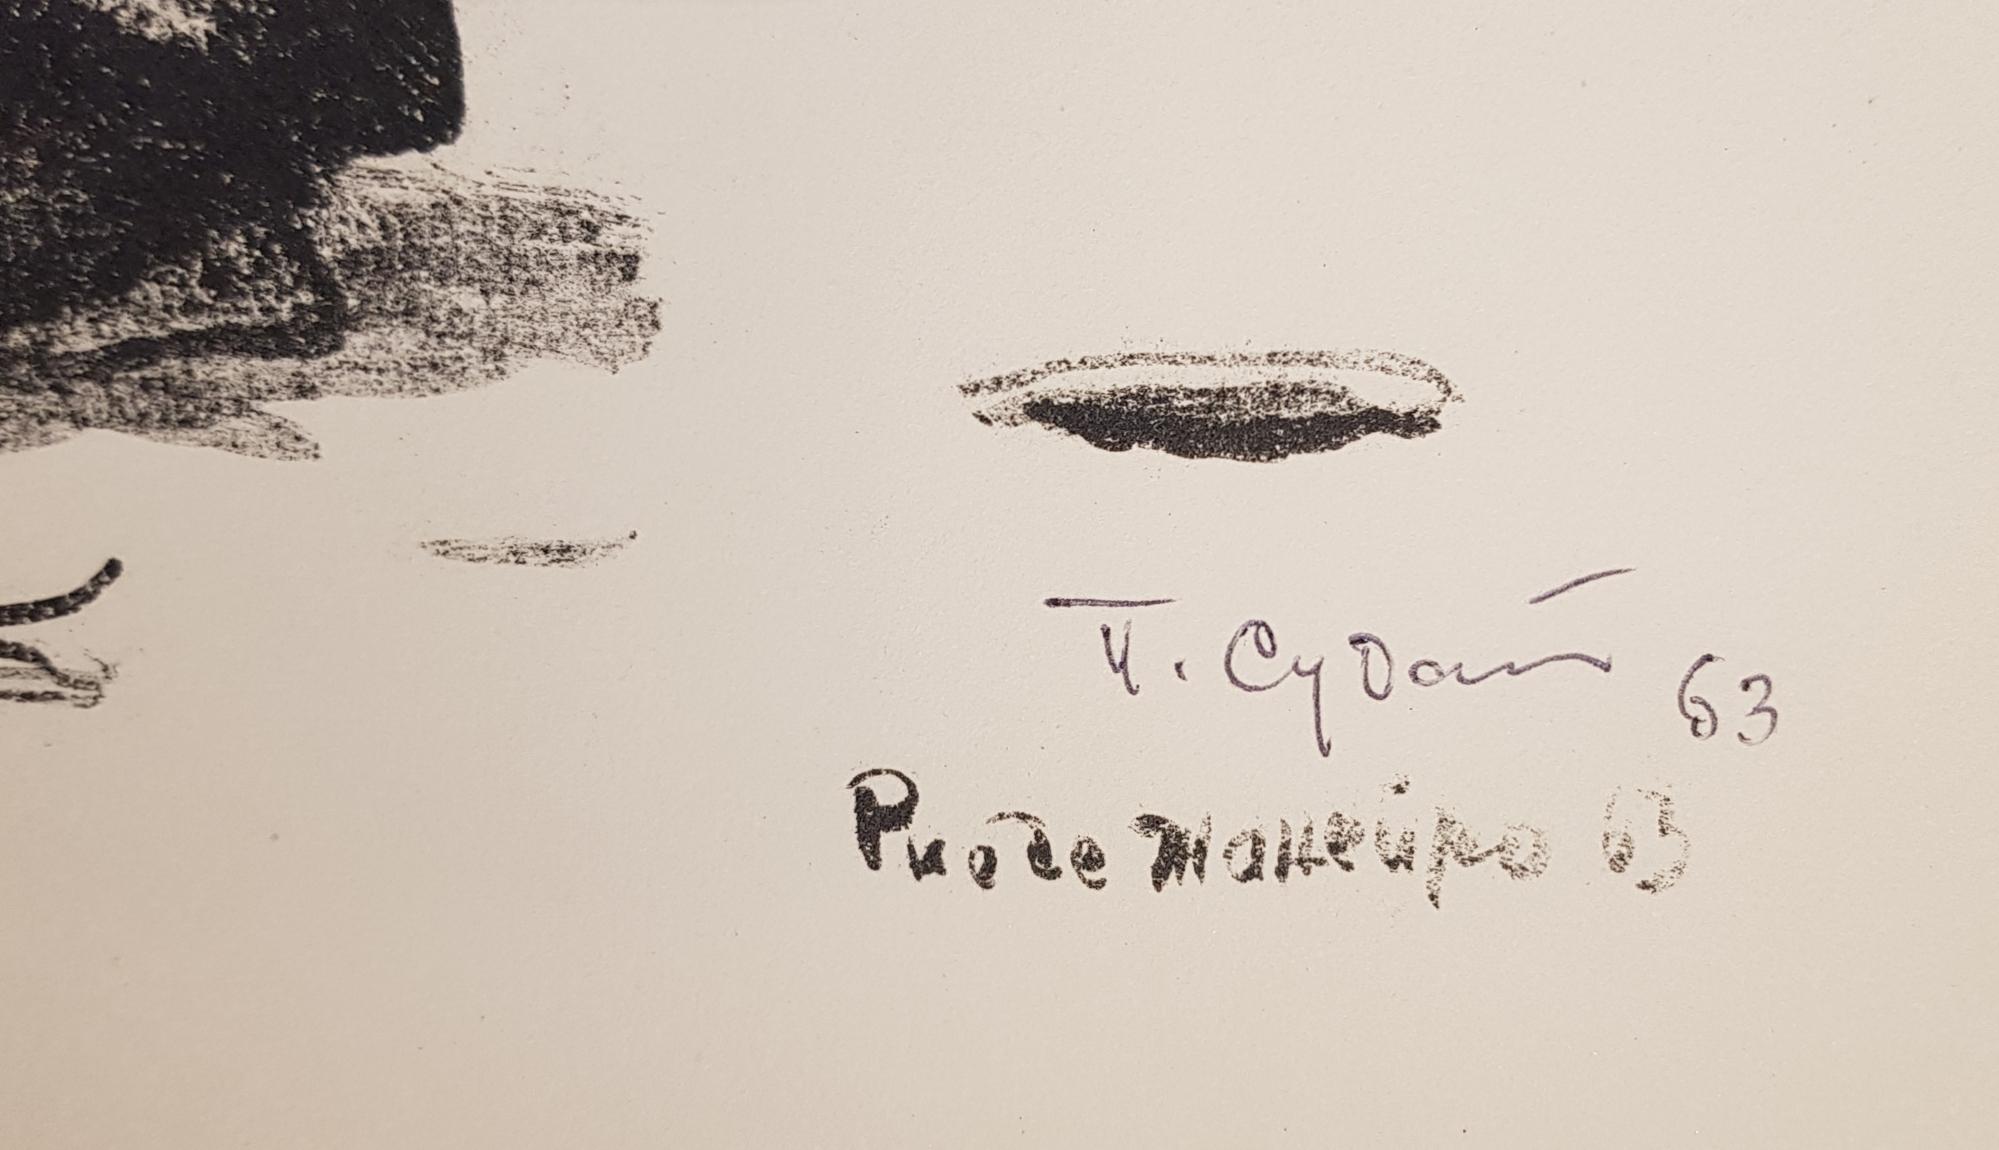 Подпись. Судаков Павел Федорович. Уличная сценка. Рио-де-жанейро